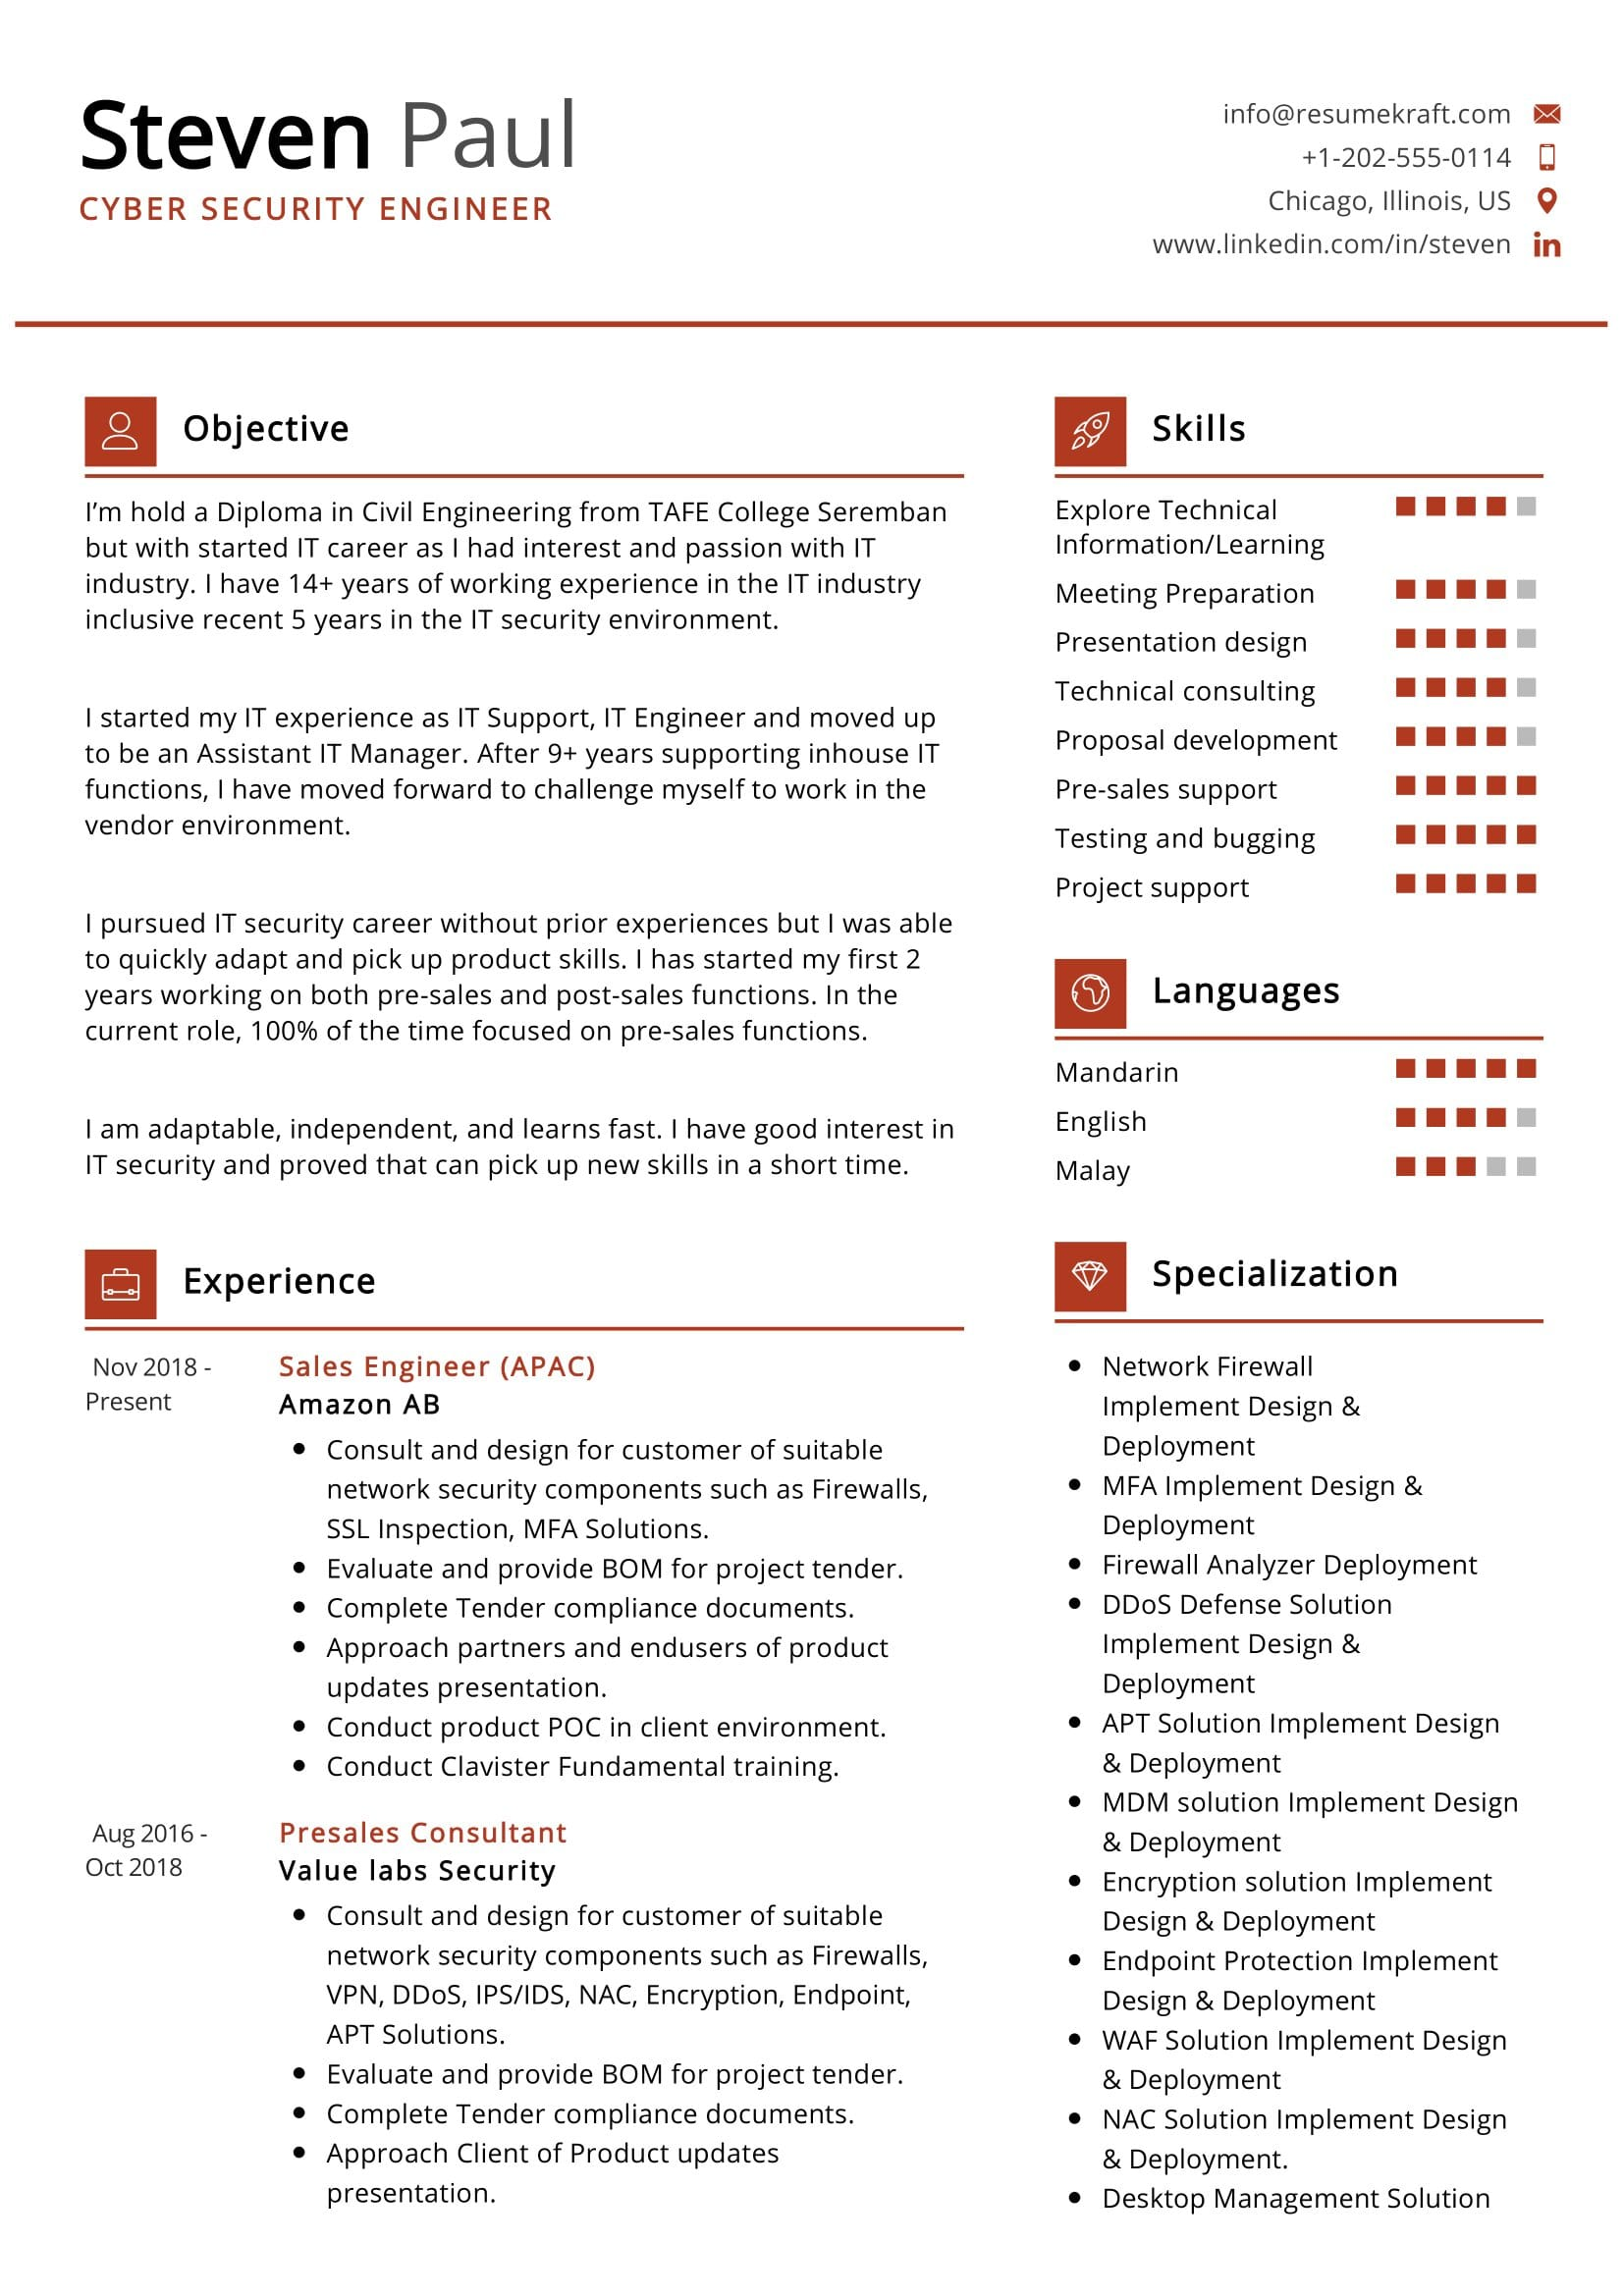 Cyber Security Engineer Resume